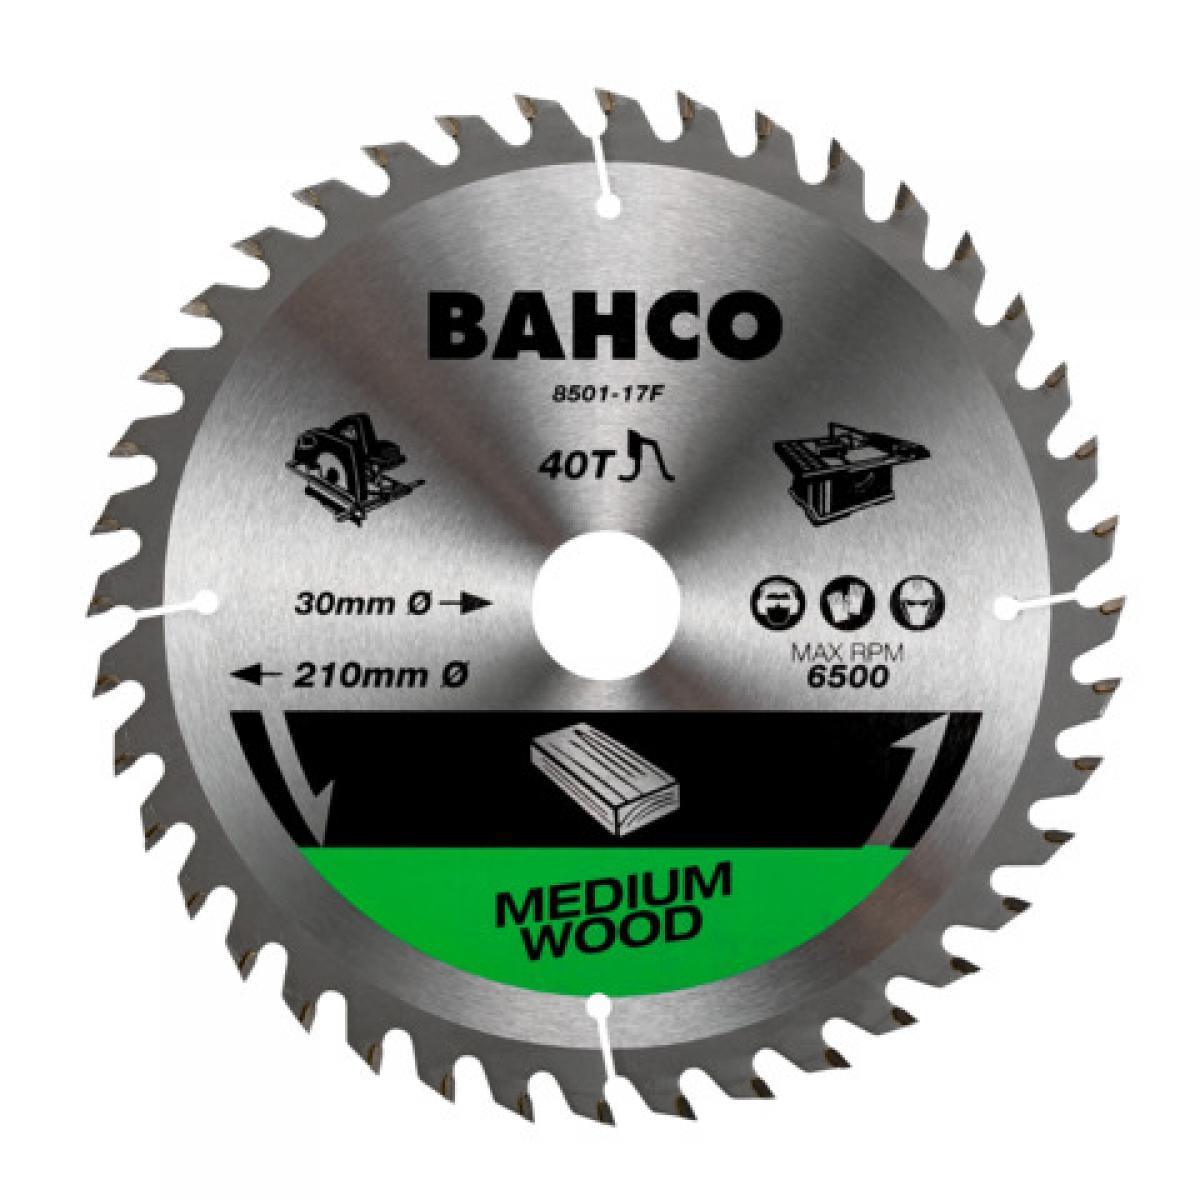 Bahco Bahco - Lame de scie circulaire à denture fine 210 mm 40 dents pour bois - 8501-17F